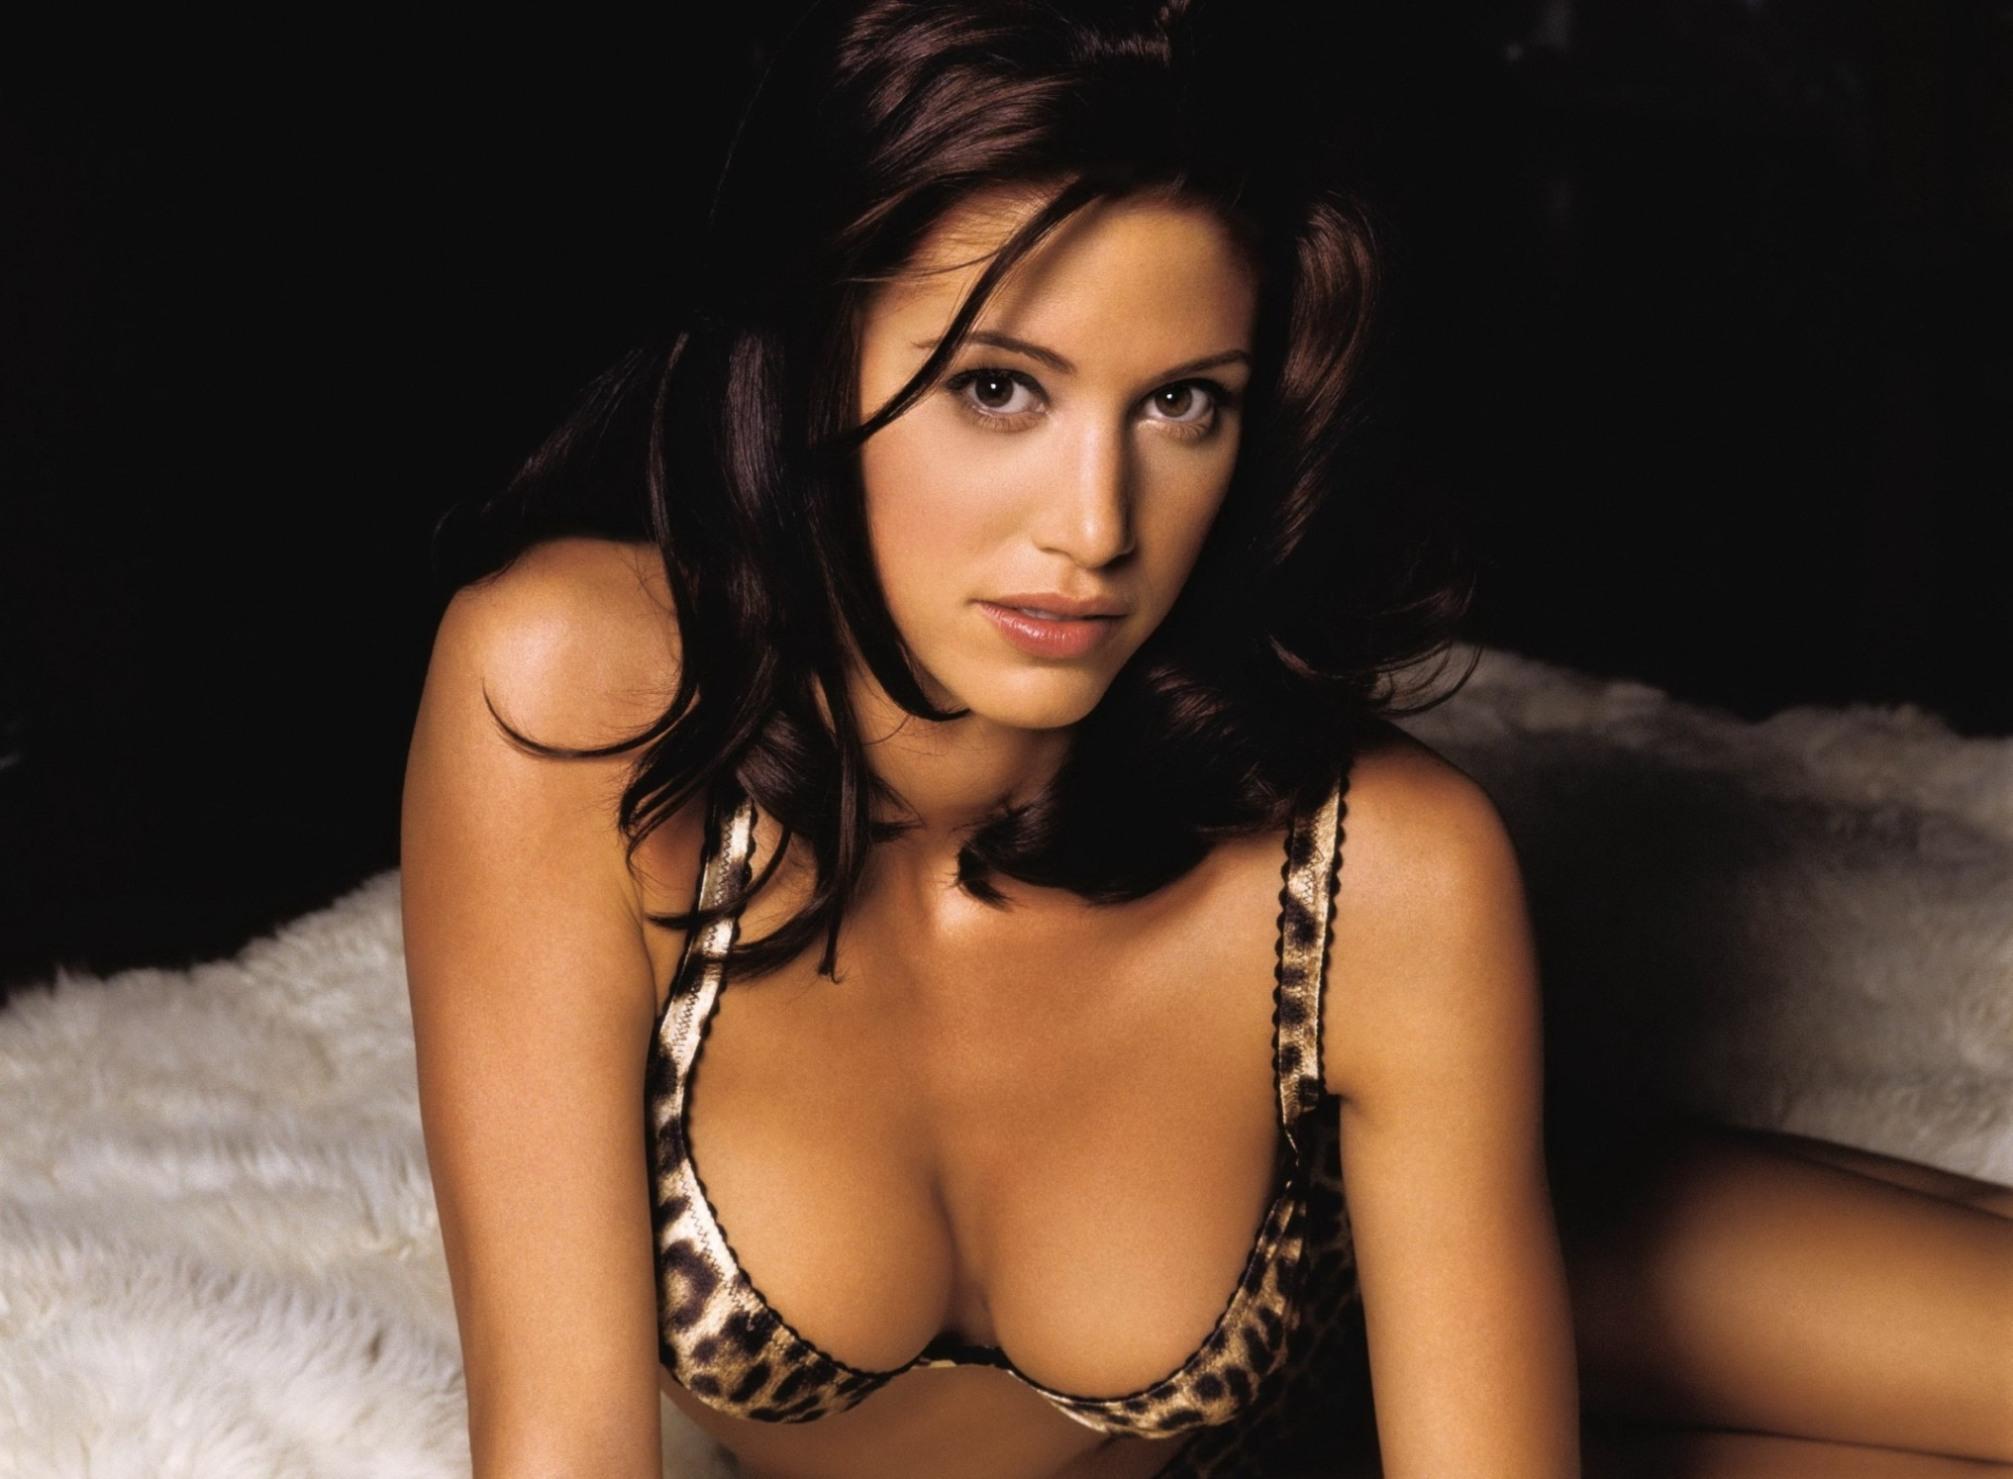 Самые сексуальные девушки всех времен, Самые красивые женщины всех времён по версии 16 фотография